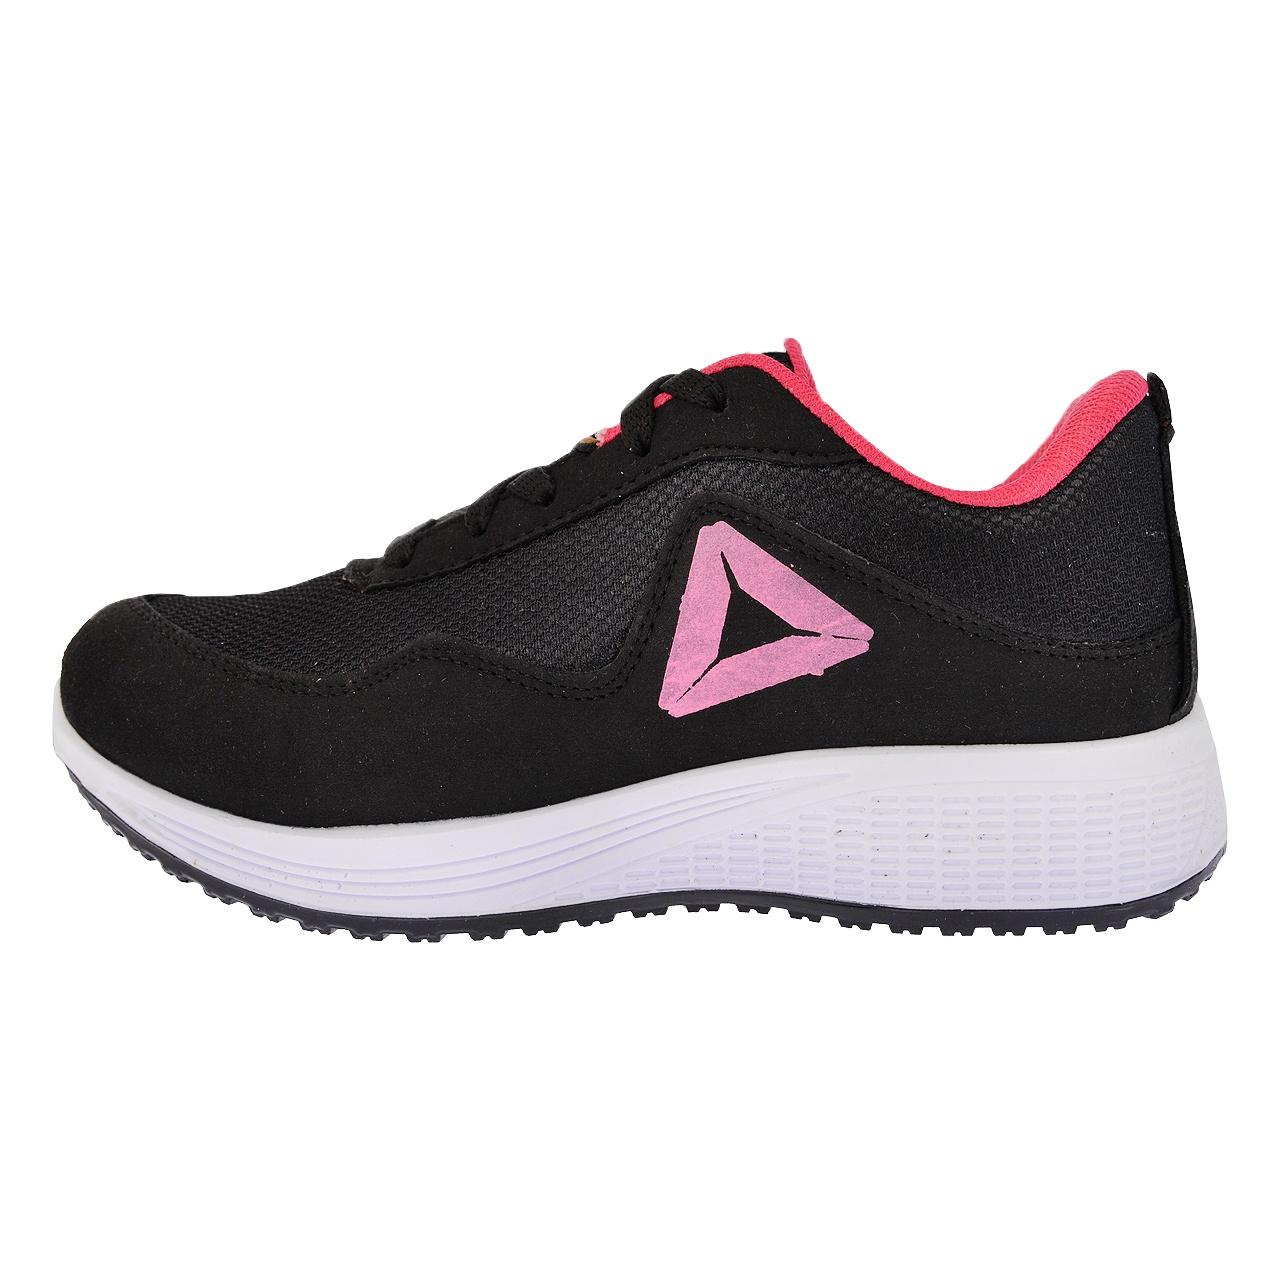 کفش راحتی زنانه کد 351004002